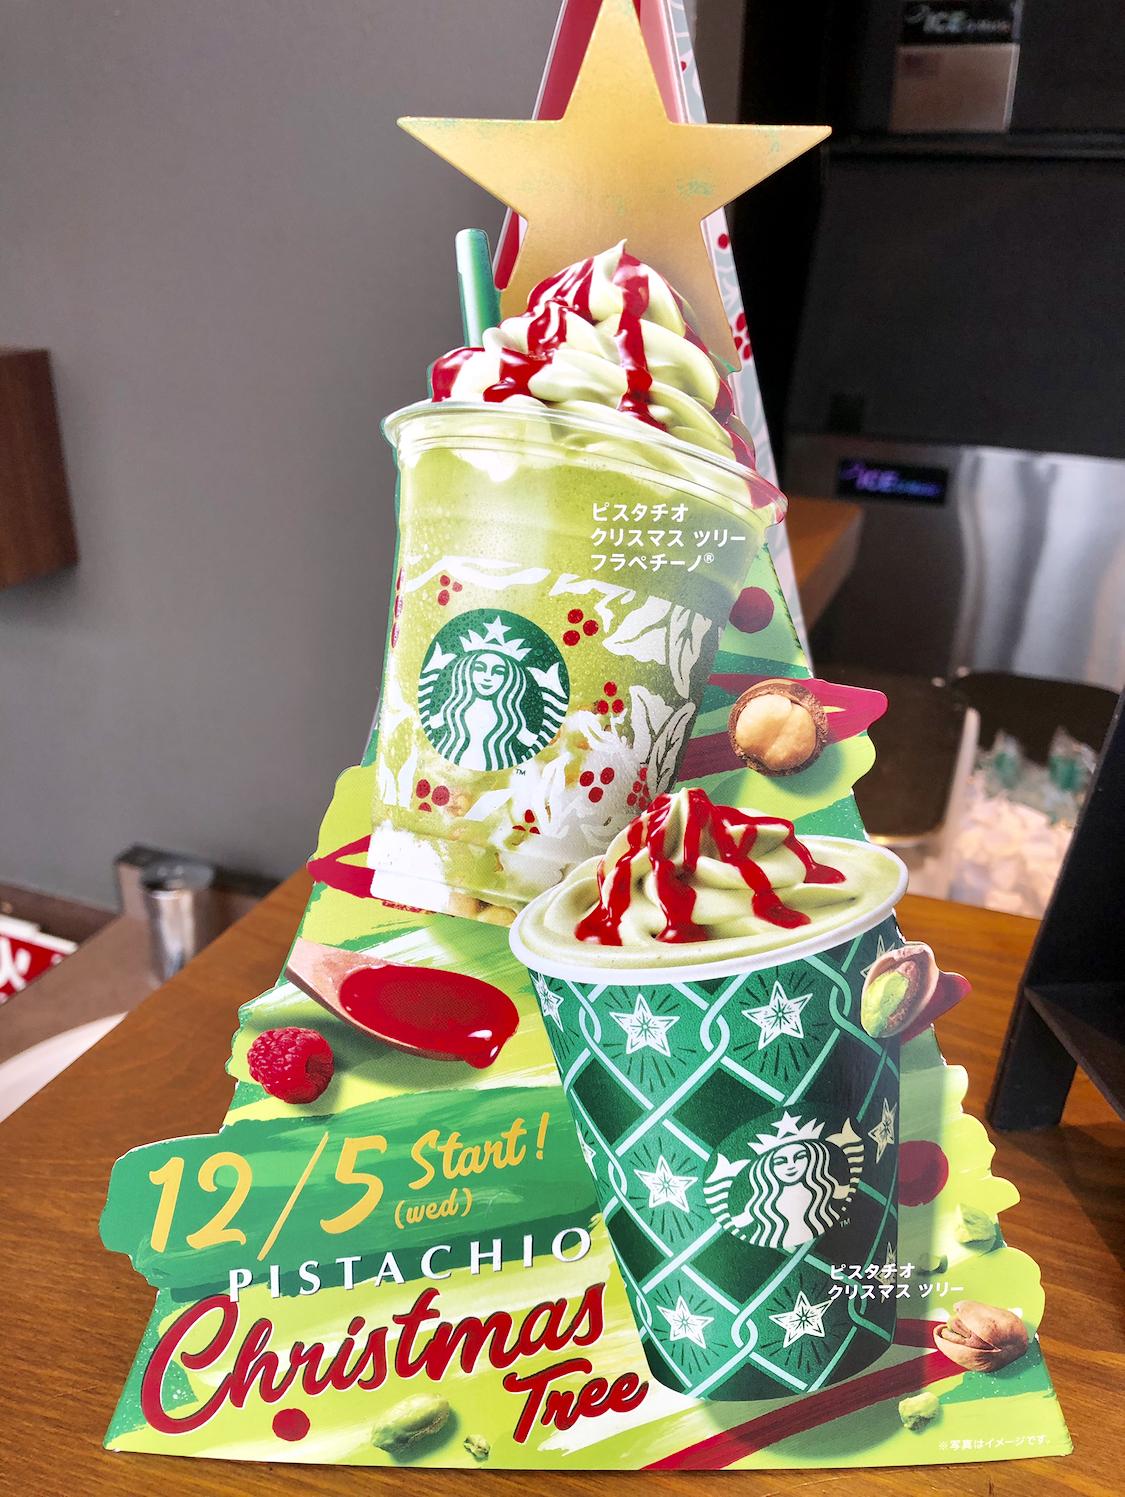 【スタバ】飲むクリスマスツリー⁈《ピスタチオクリスマスツリーフラペチーノ》ってどんな味❤️?_2